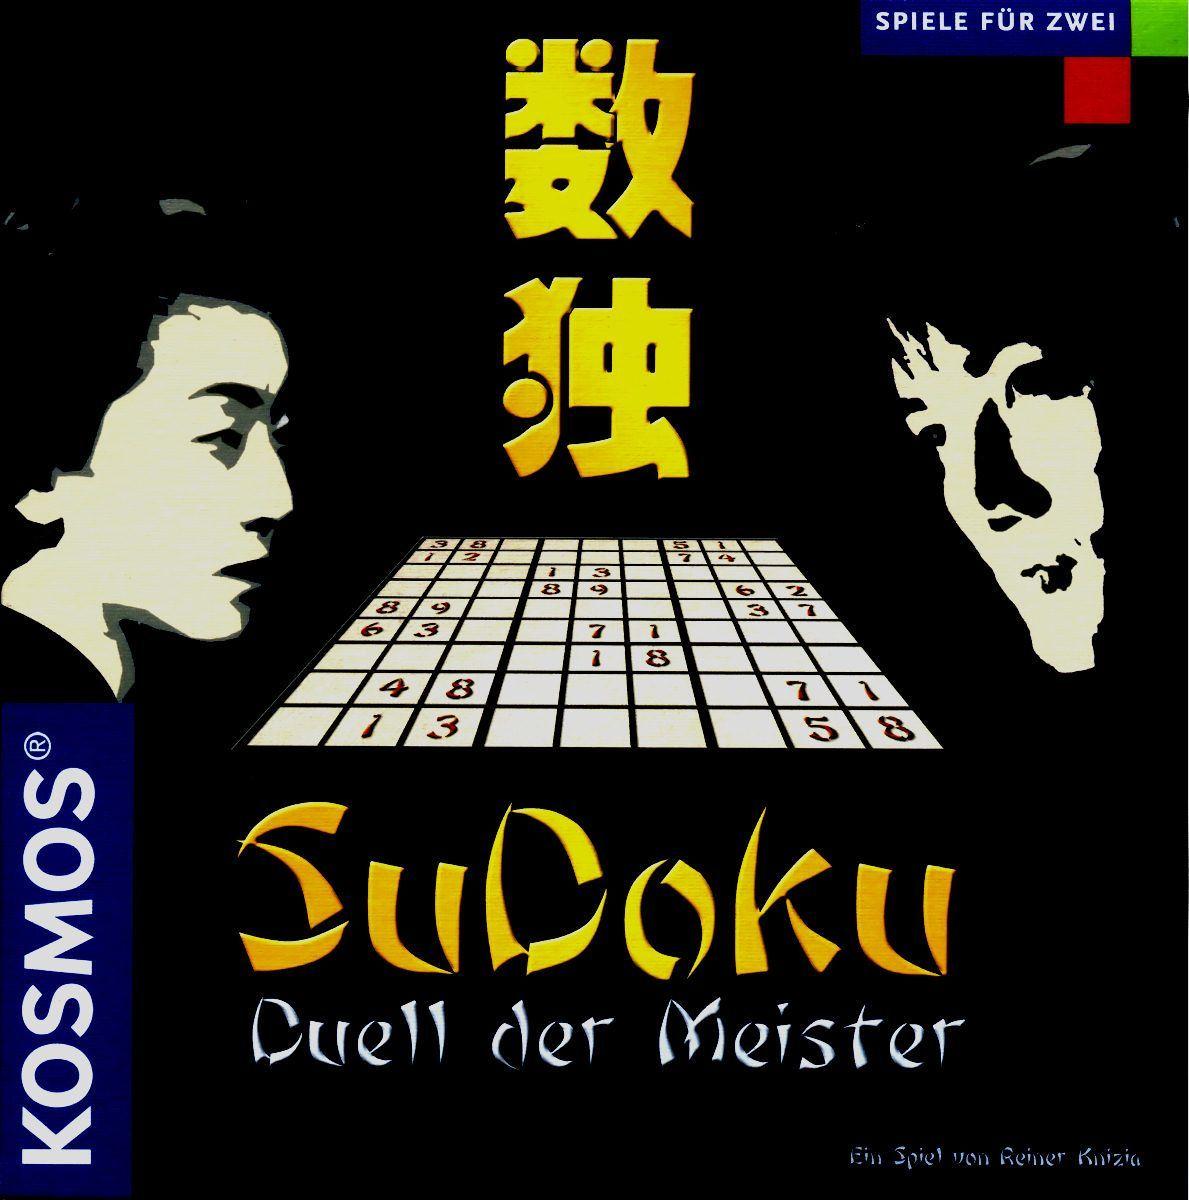 Sudoku: Duell der Meister